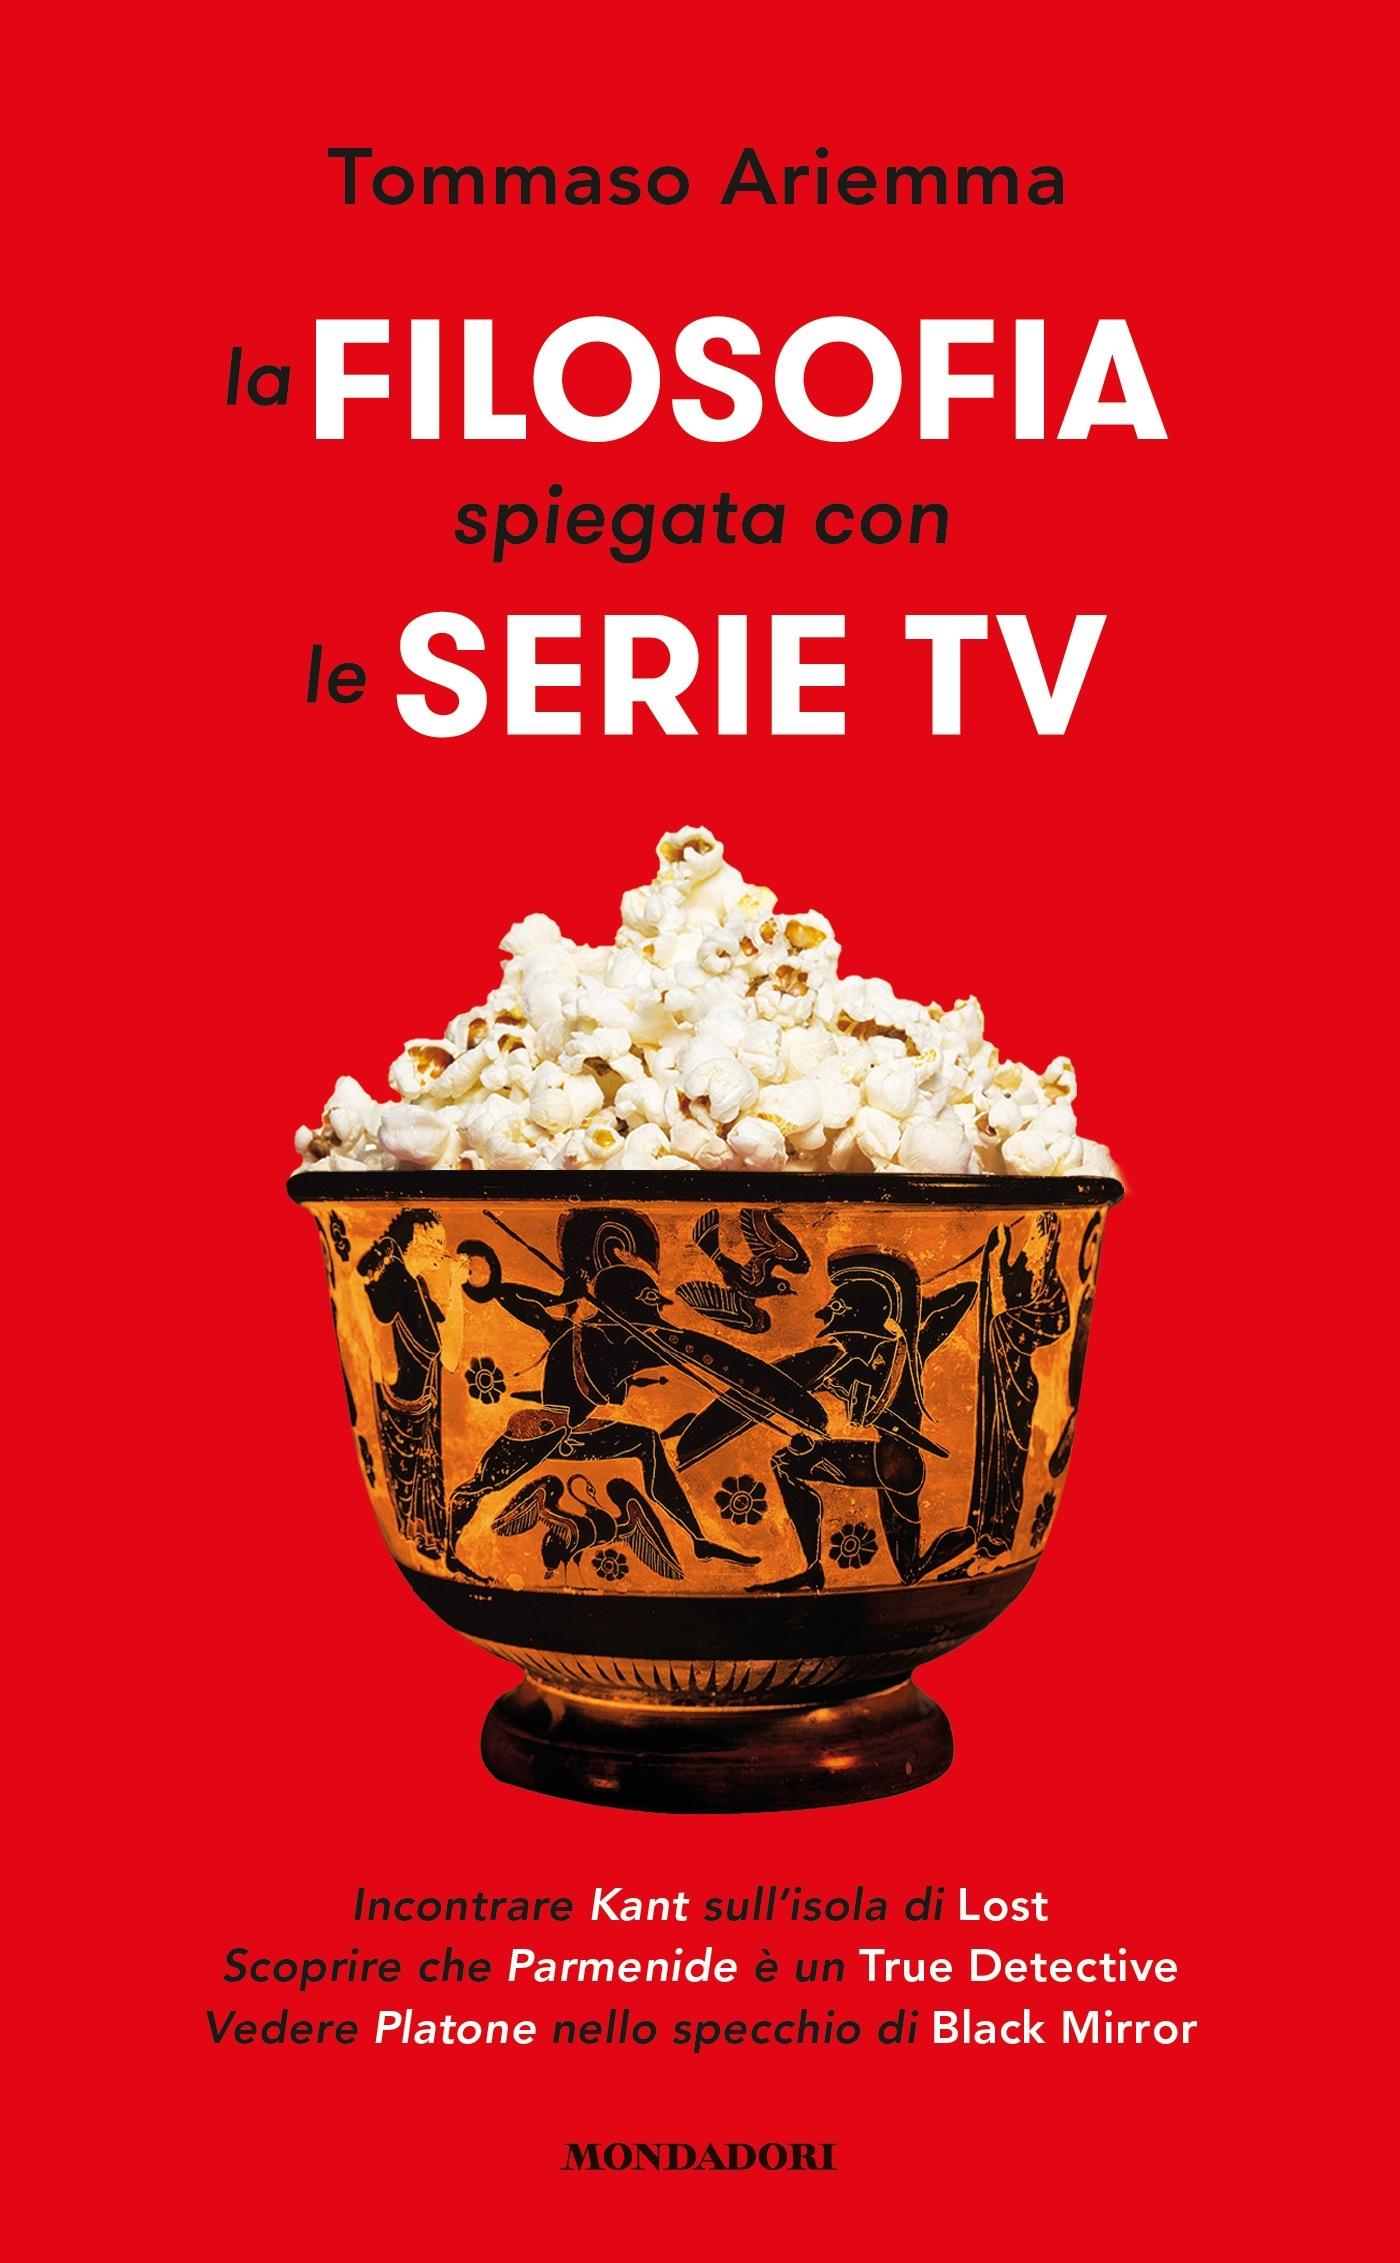 tommaso ariemma la filosofia spiegata con le serie tv mondadori copertina